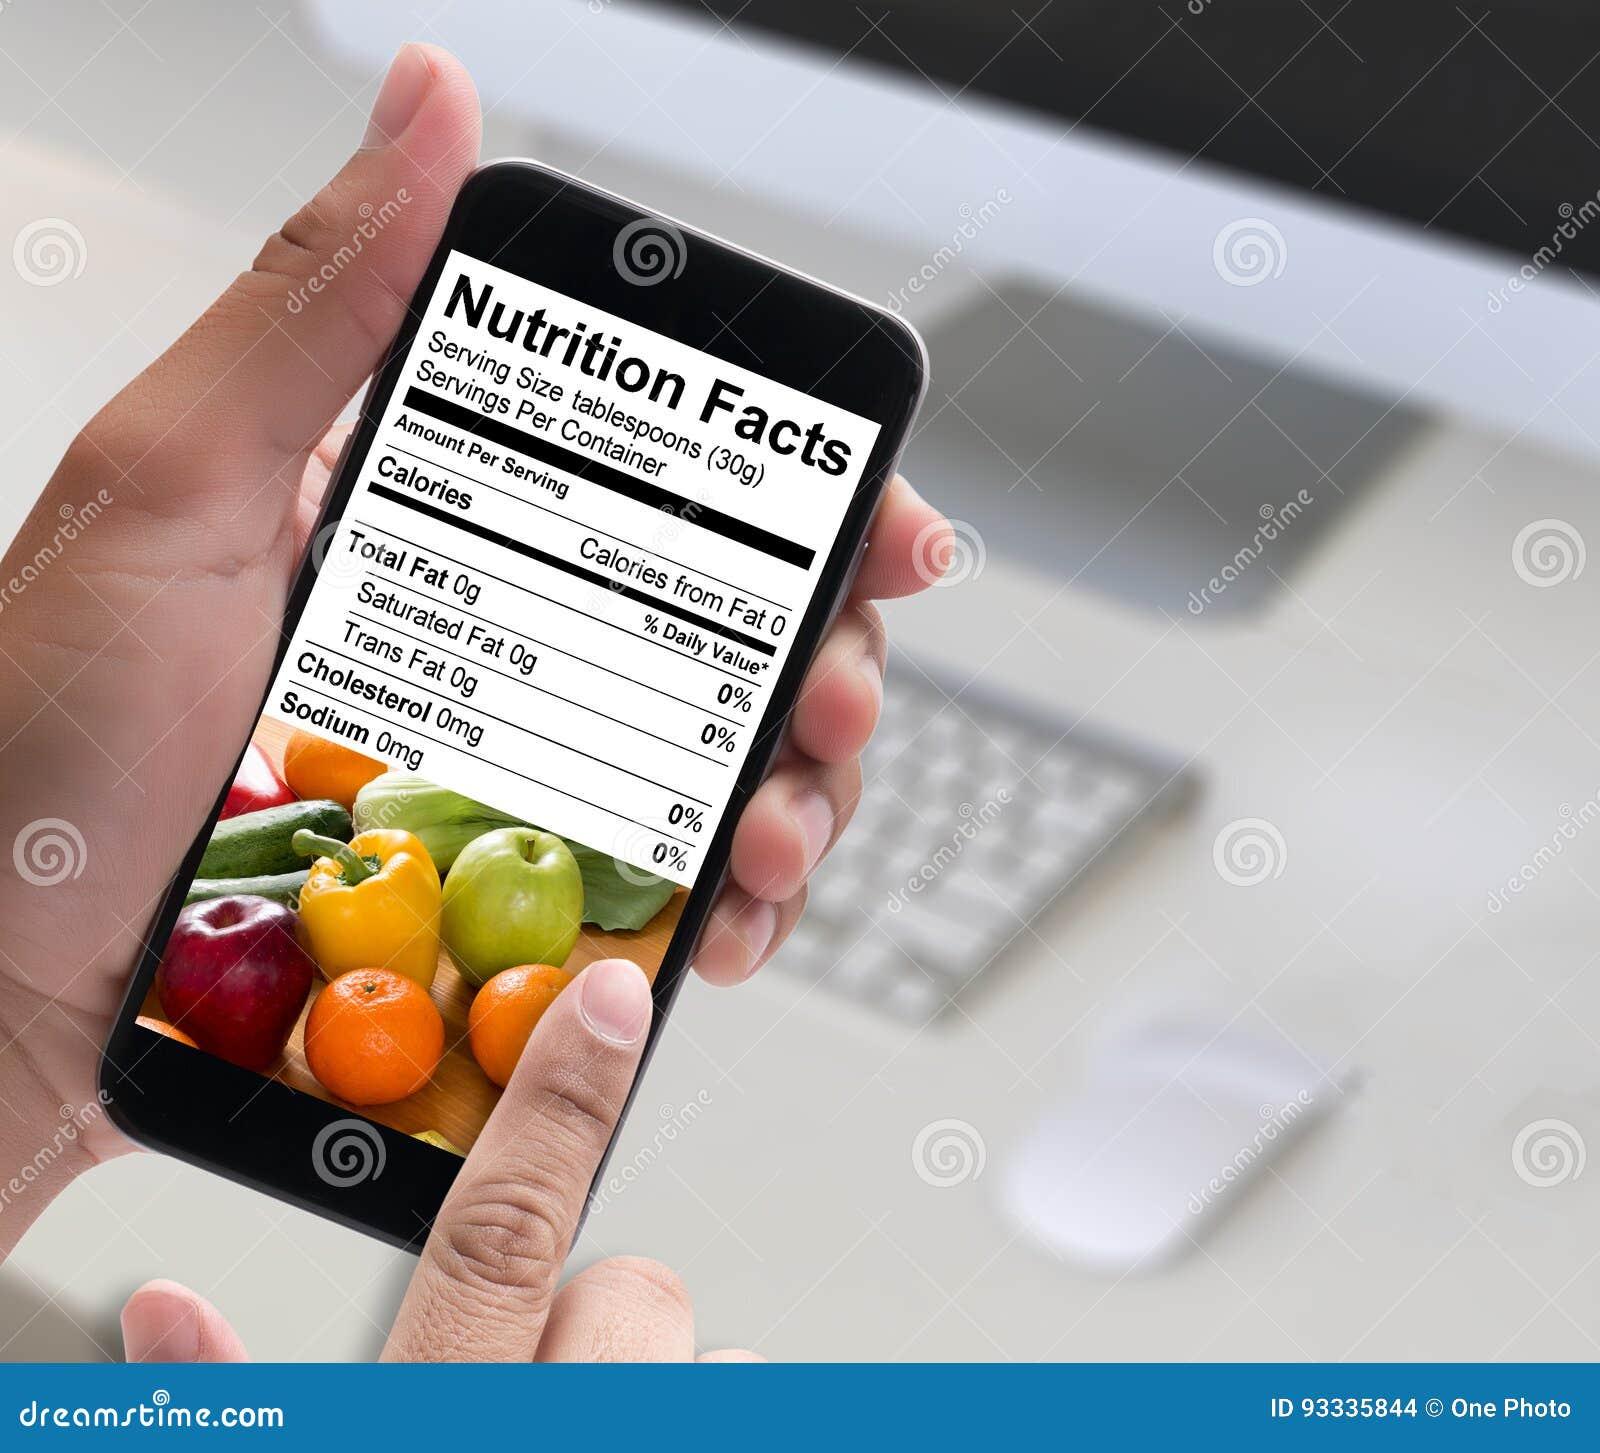 Food Gluten Free Celiac Disease Nutrition , Healthy ...